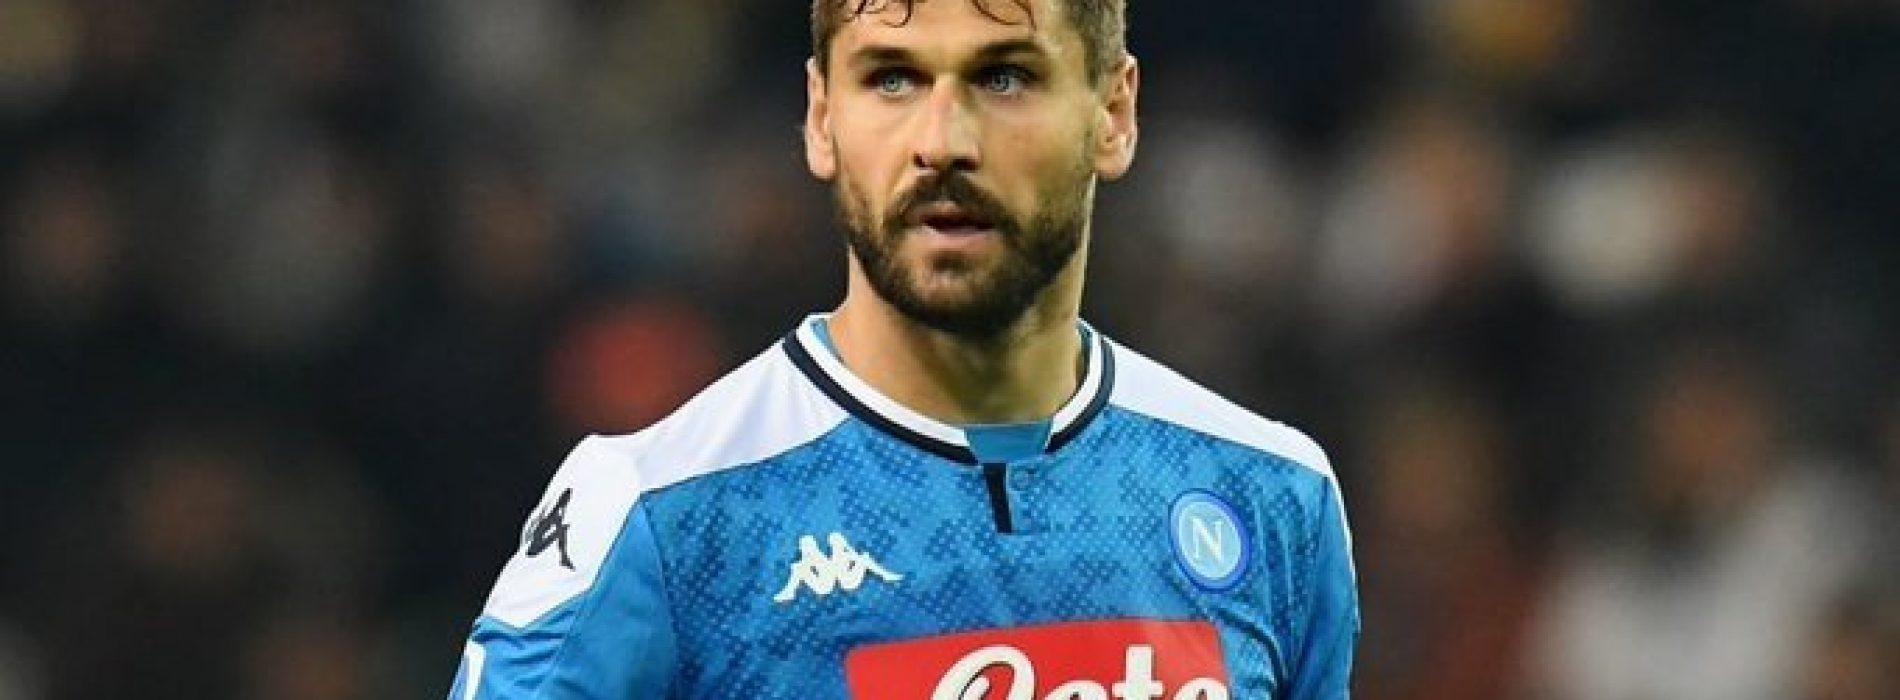 Napoli Llorente Genoa, rossoblu e Benevento sull'attaccante spagnolo